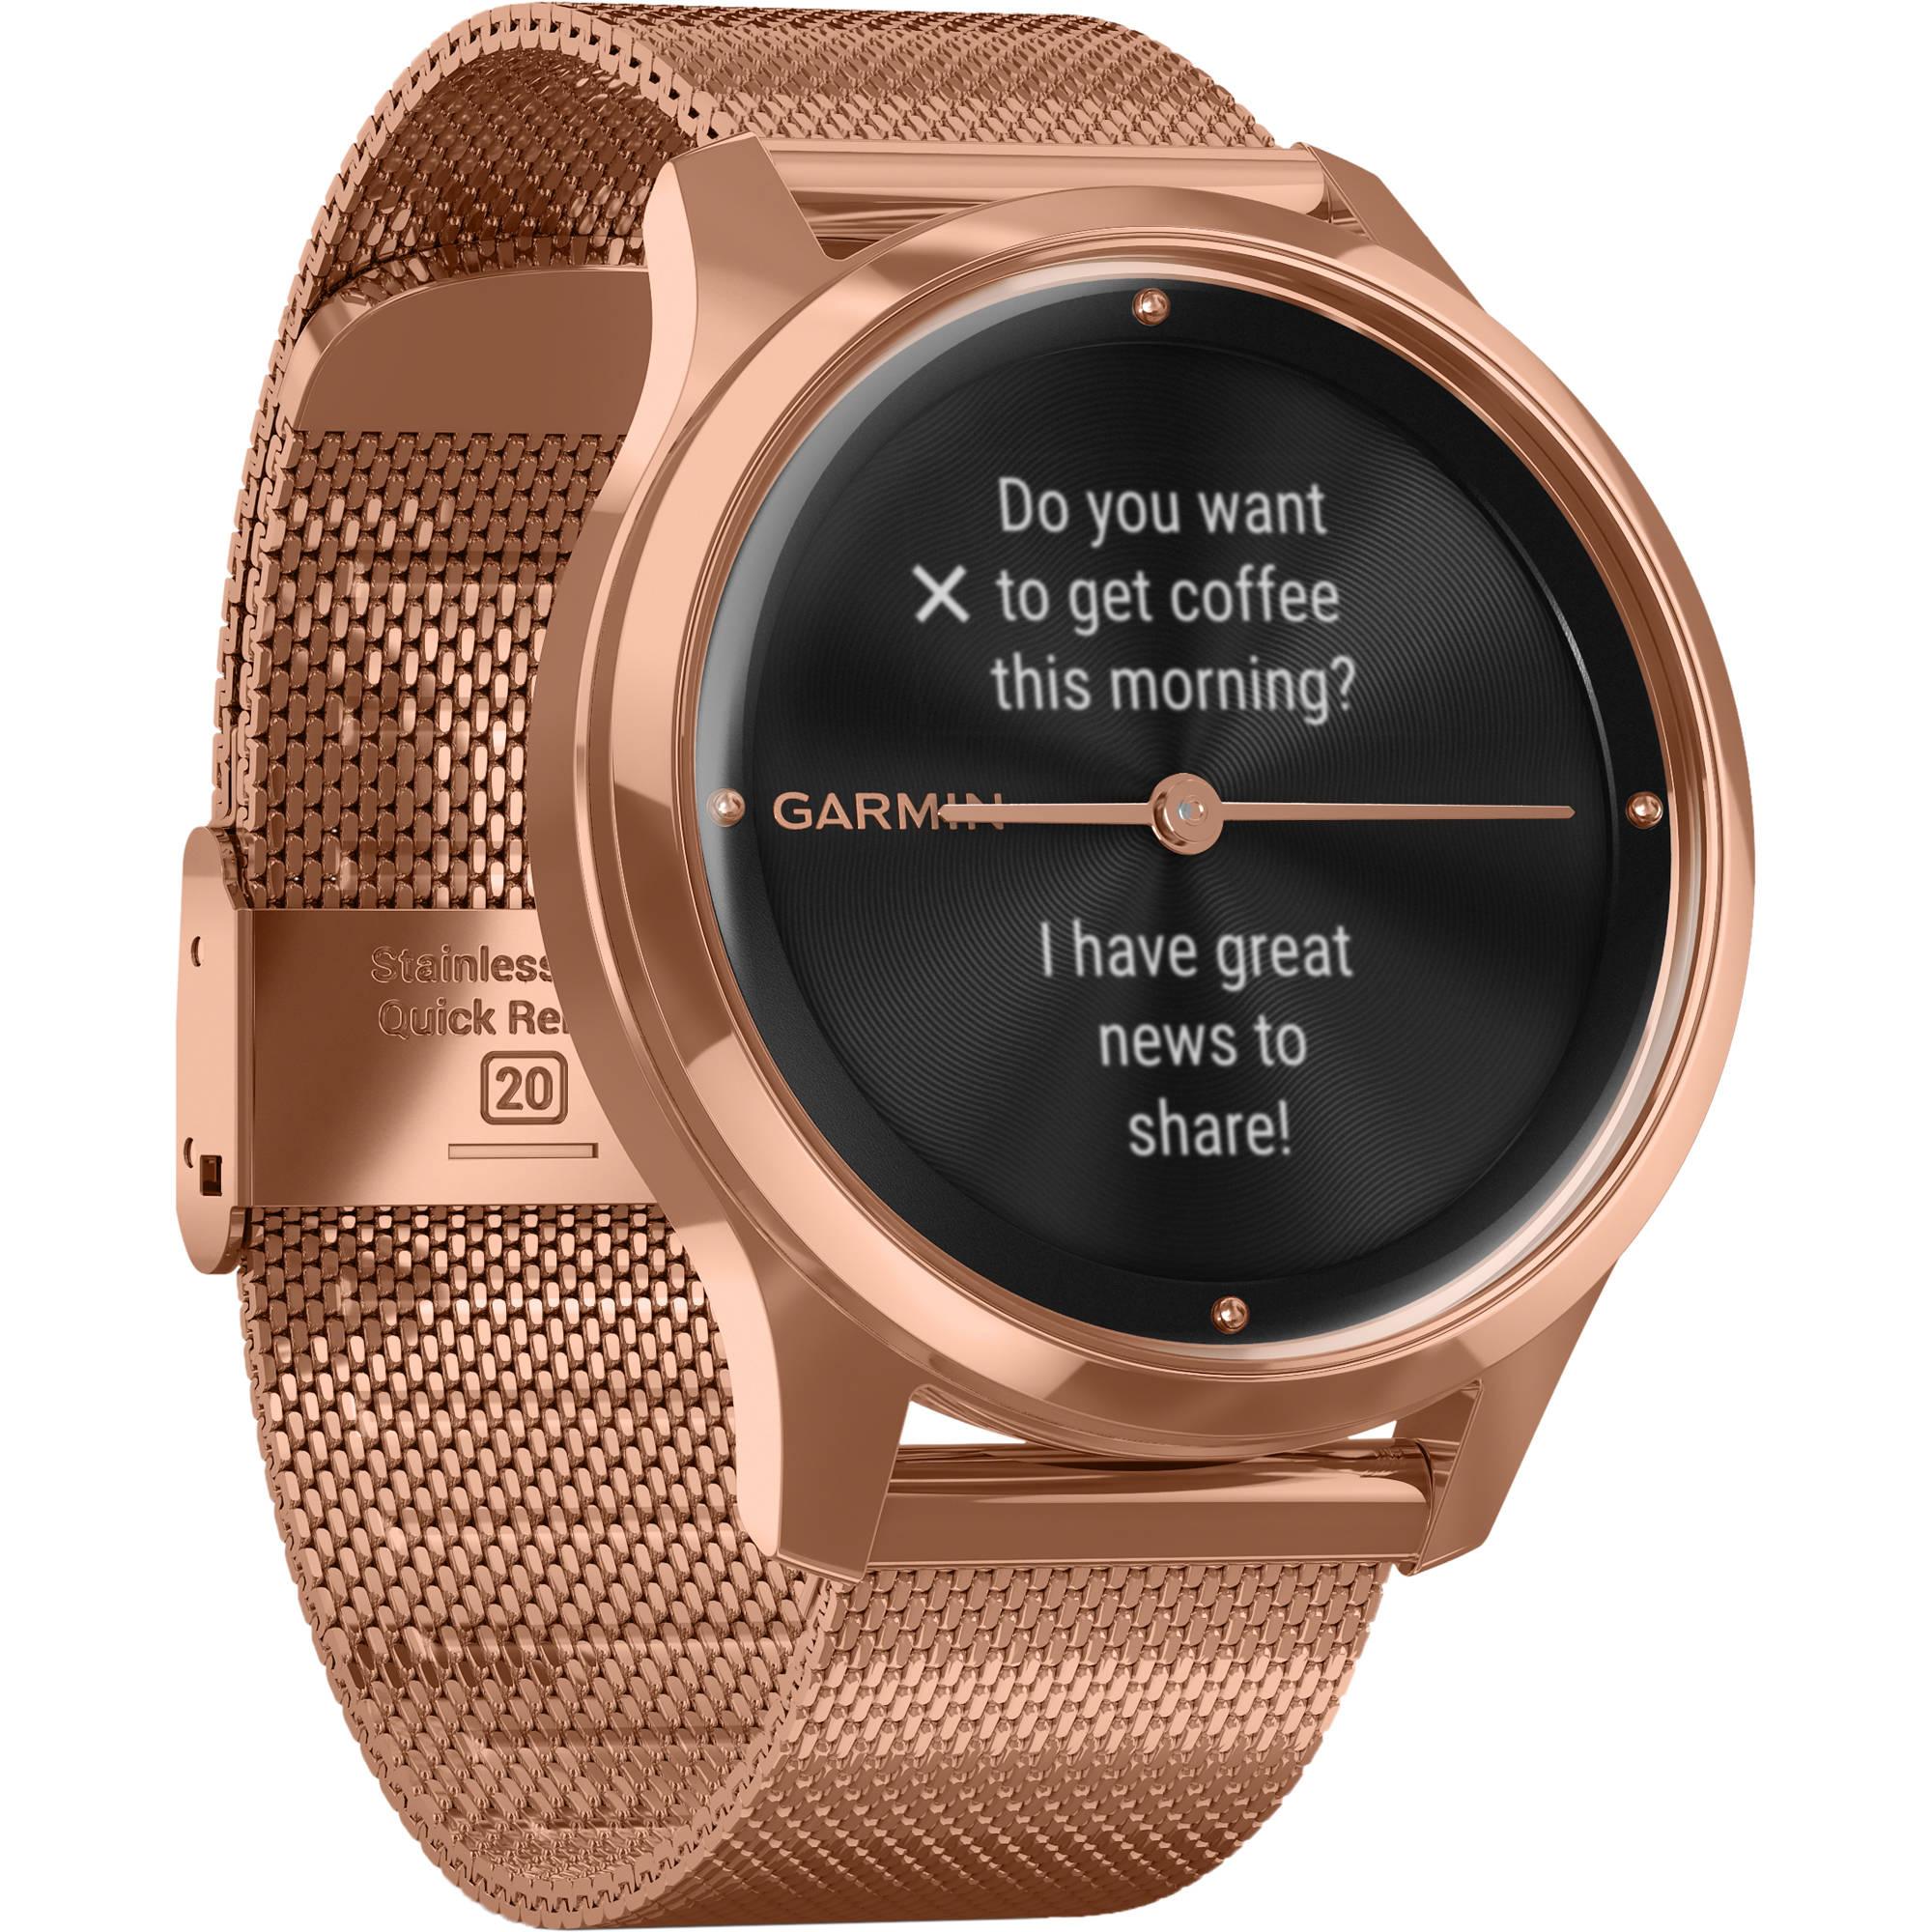 pompa Senza valore Turbolenza  Garmin vivomove Luxe Hybrid Smartwatch 010-02241-04 B&H Photo